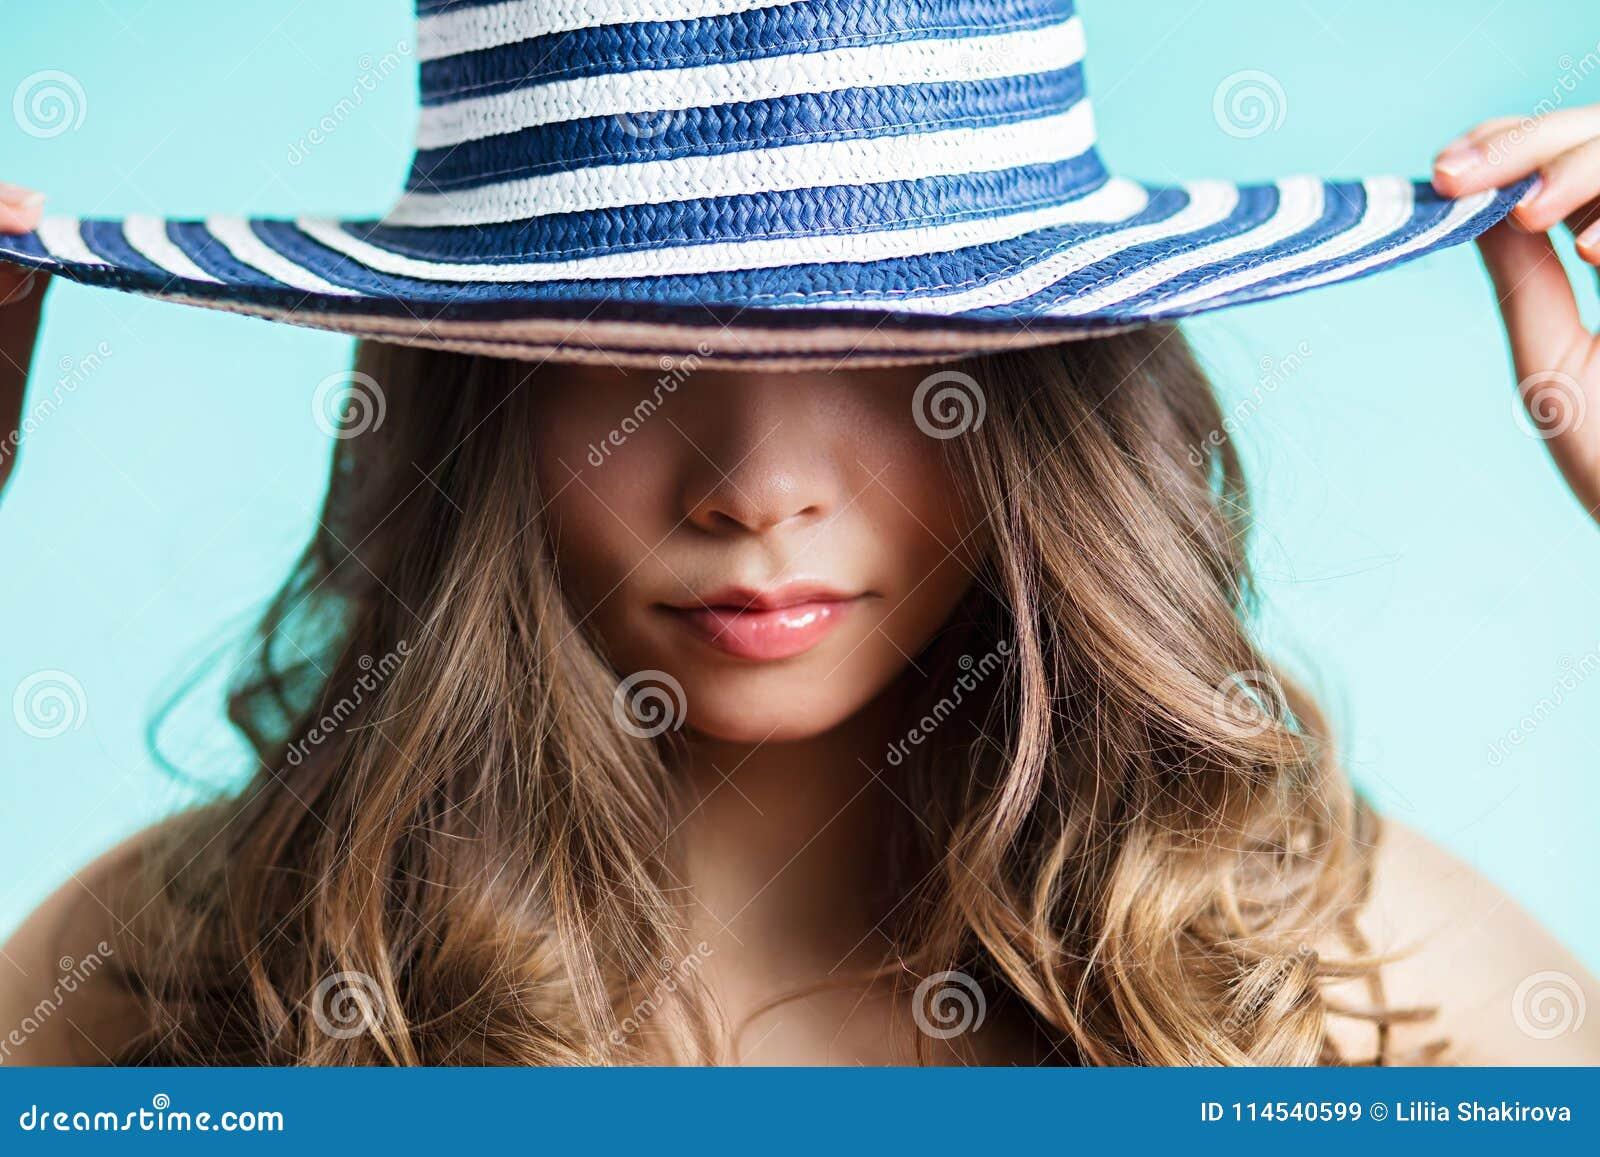 7661fd7e9d Retrato de uma mulher no chapéu elegante com uma borda larga Beleza,  conceito da forma